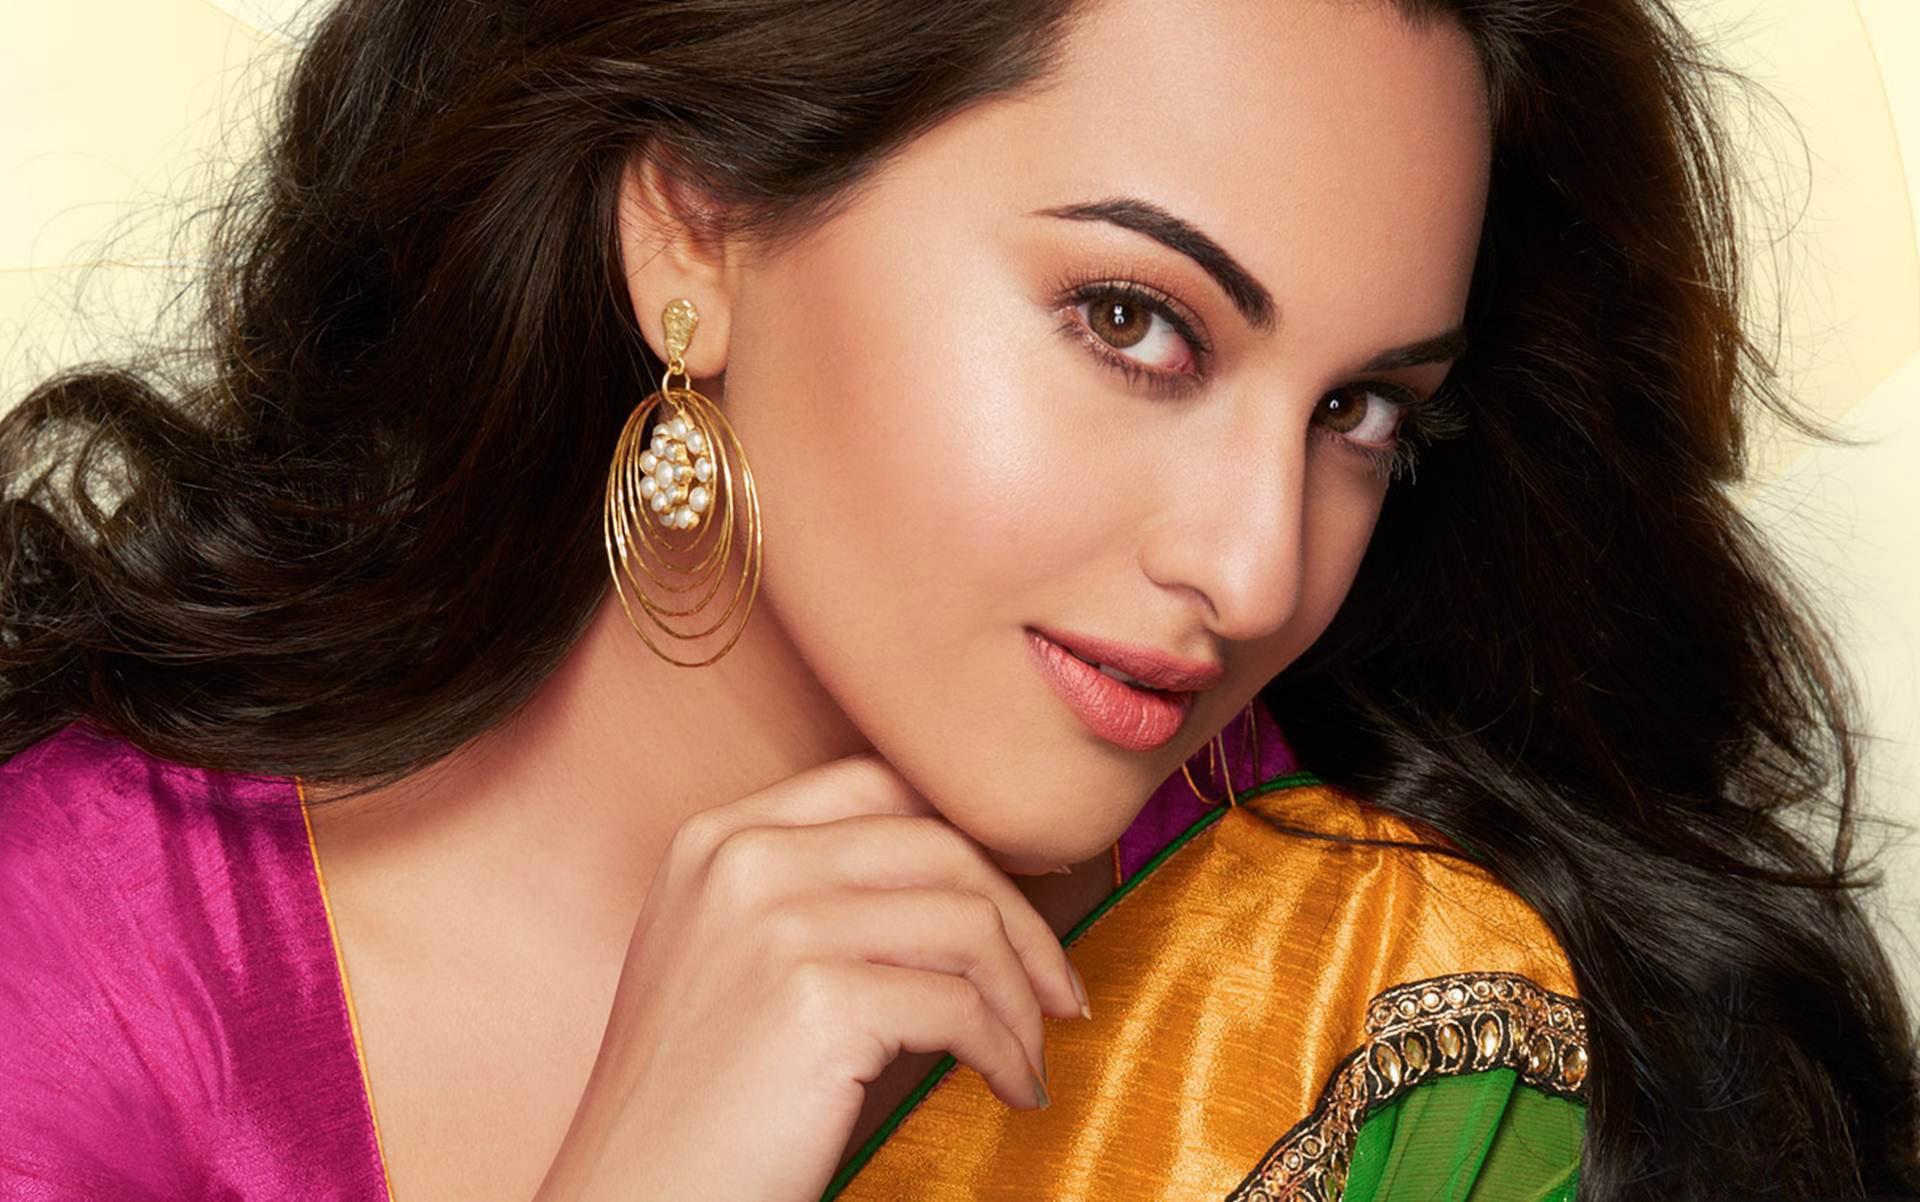 фото человека посмотреть фото индийских актрис новых голова, желтоватое подхвостье